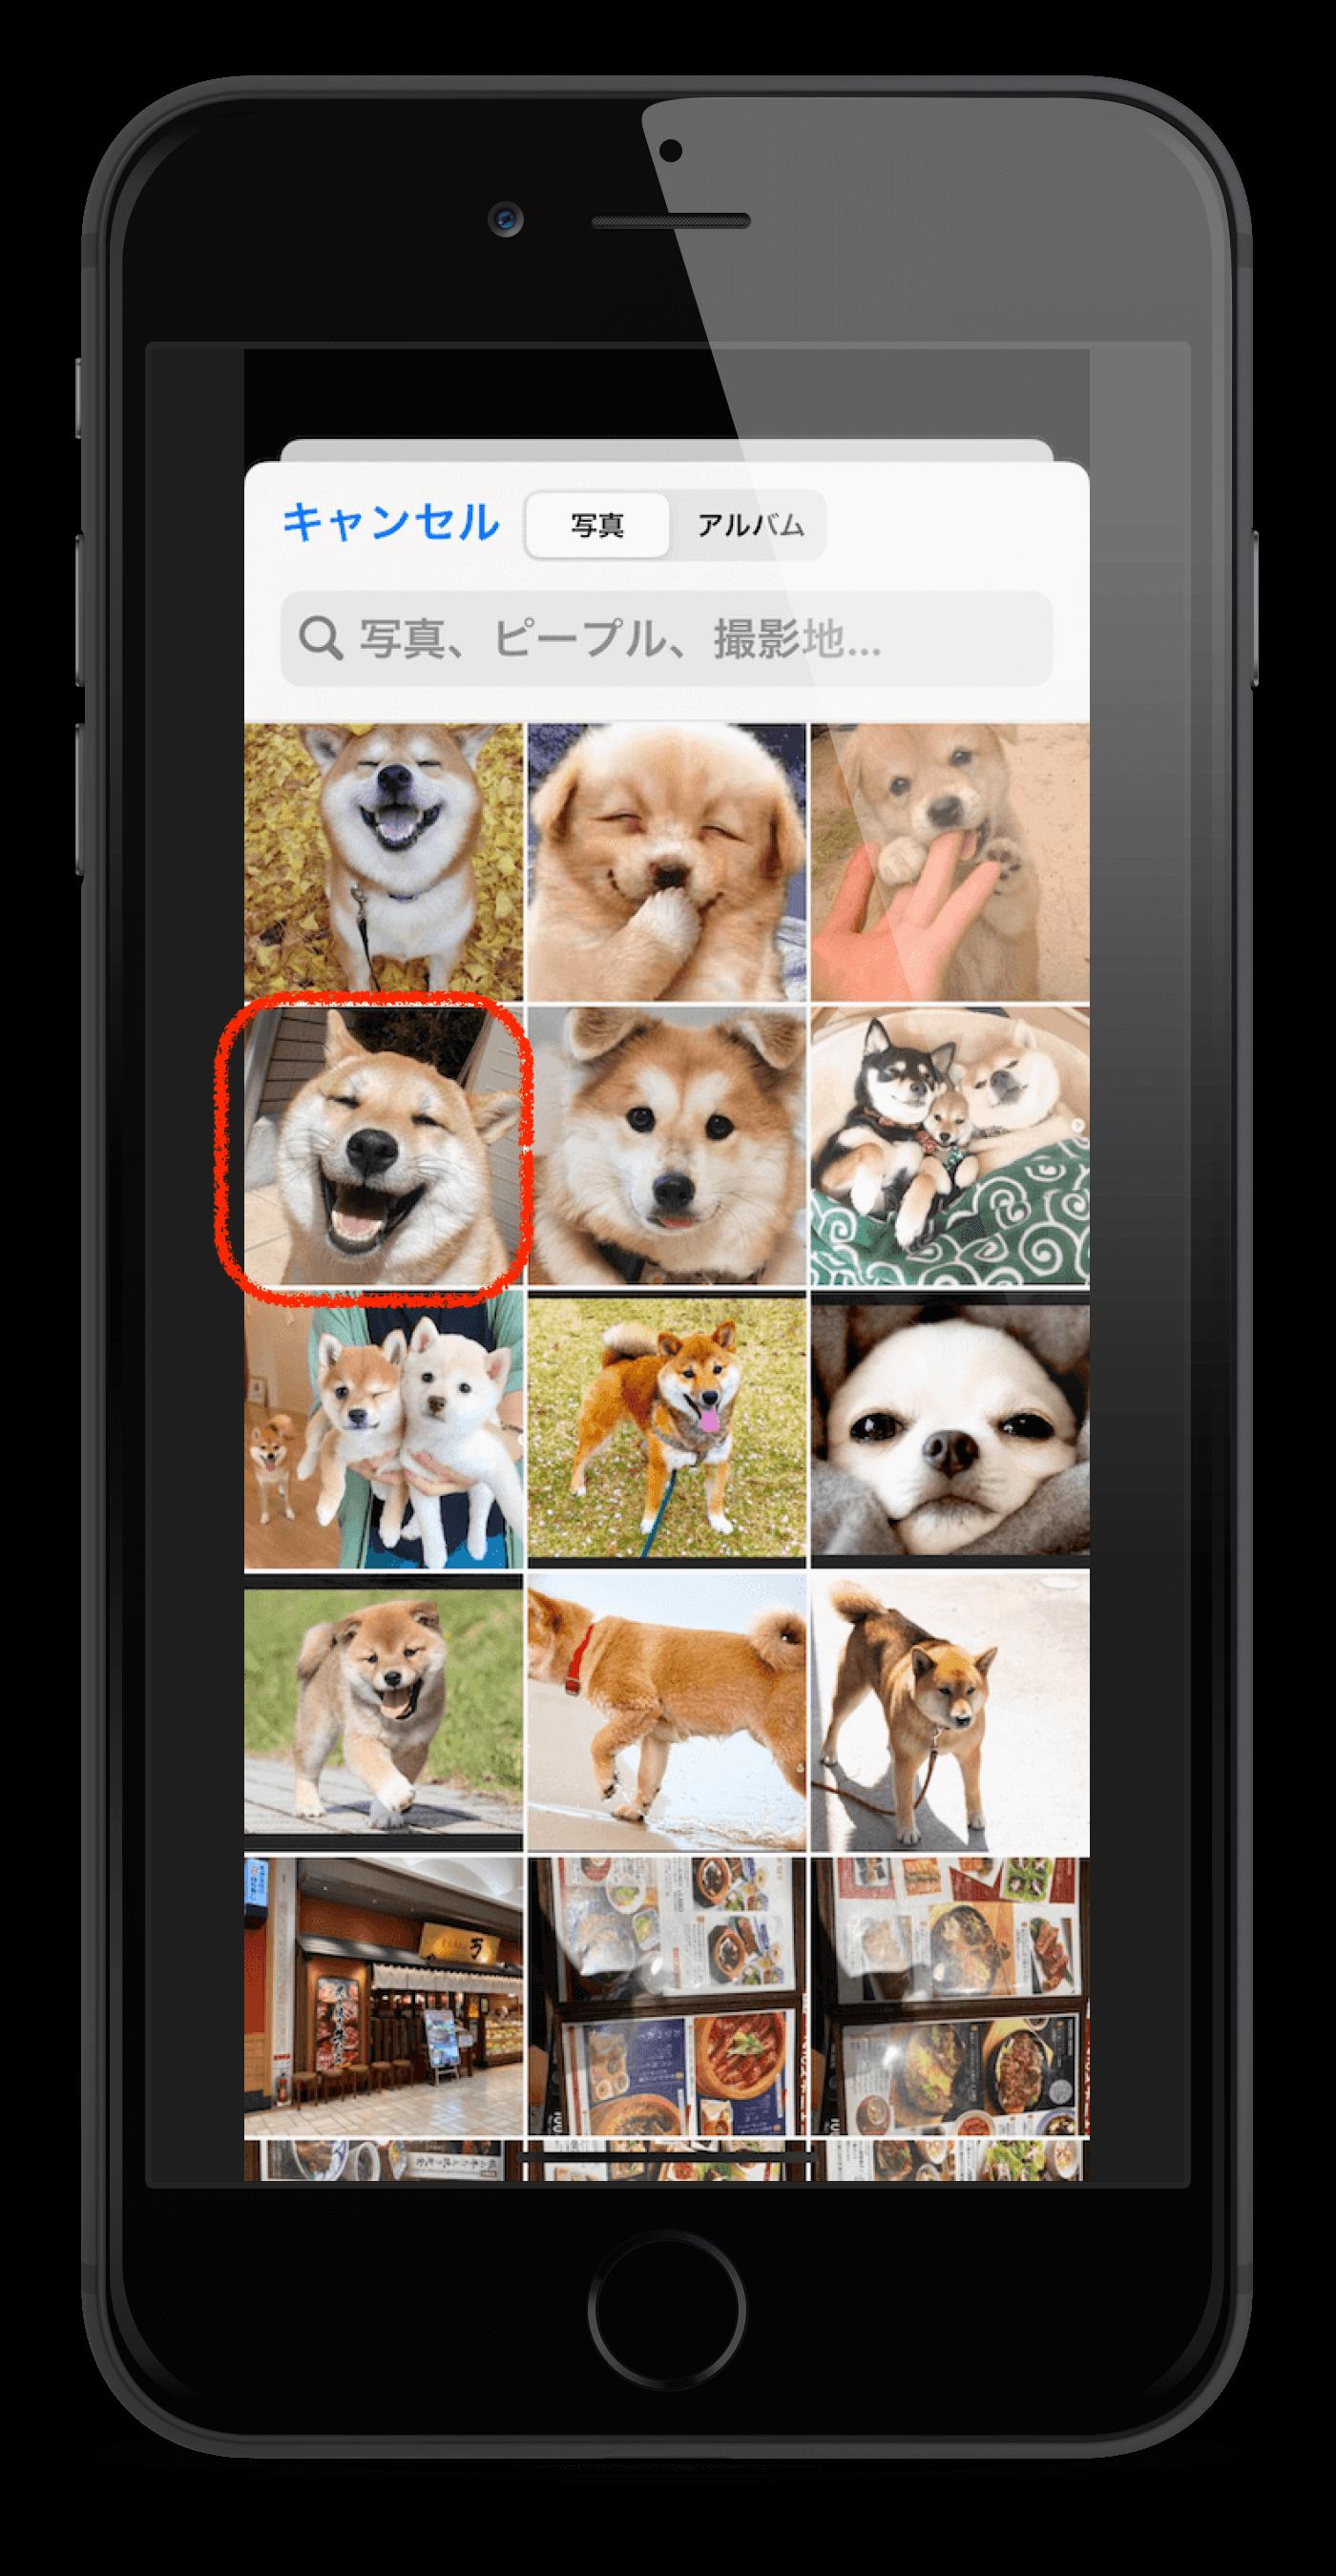 iPhoneのすべての画像から選べるというのが分かるスクリーンショット